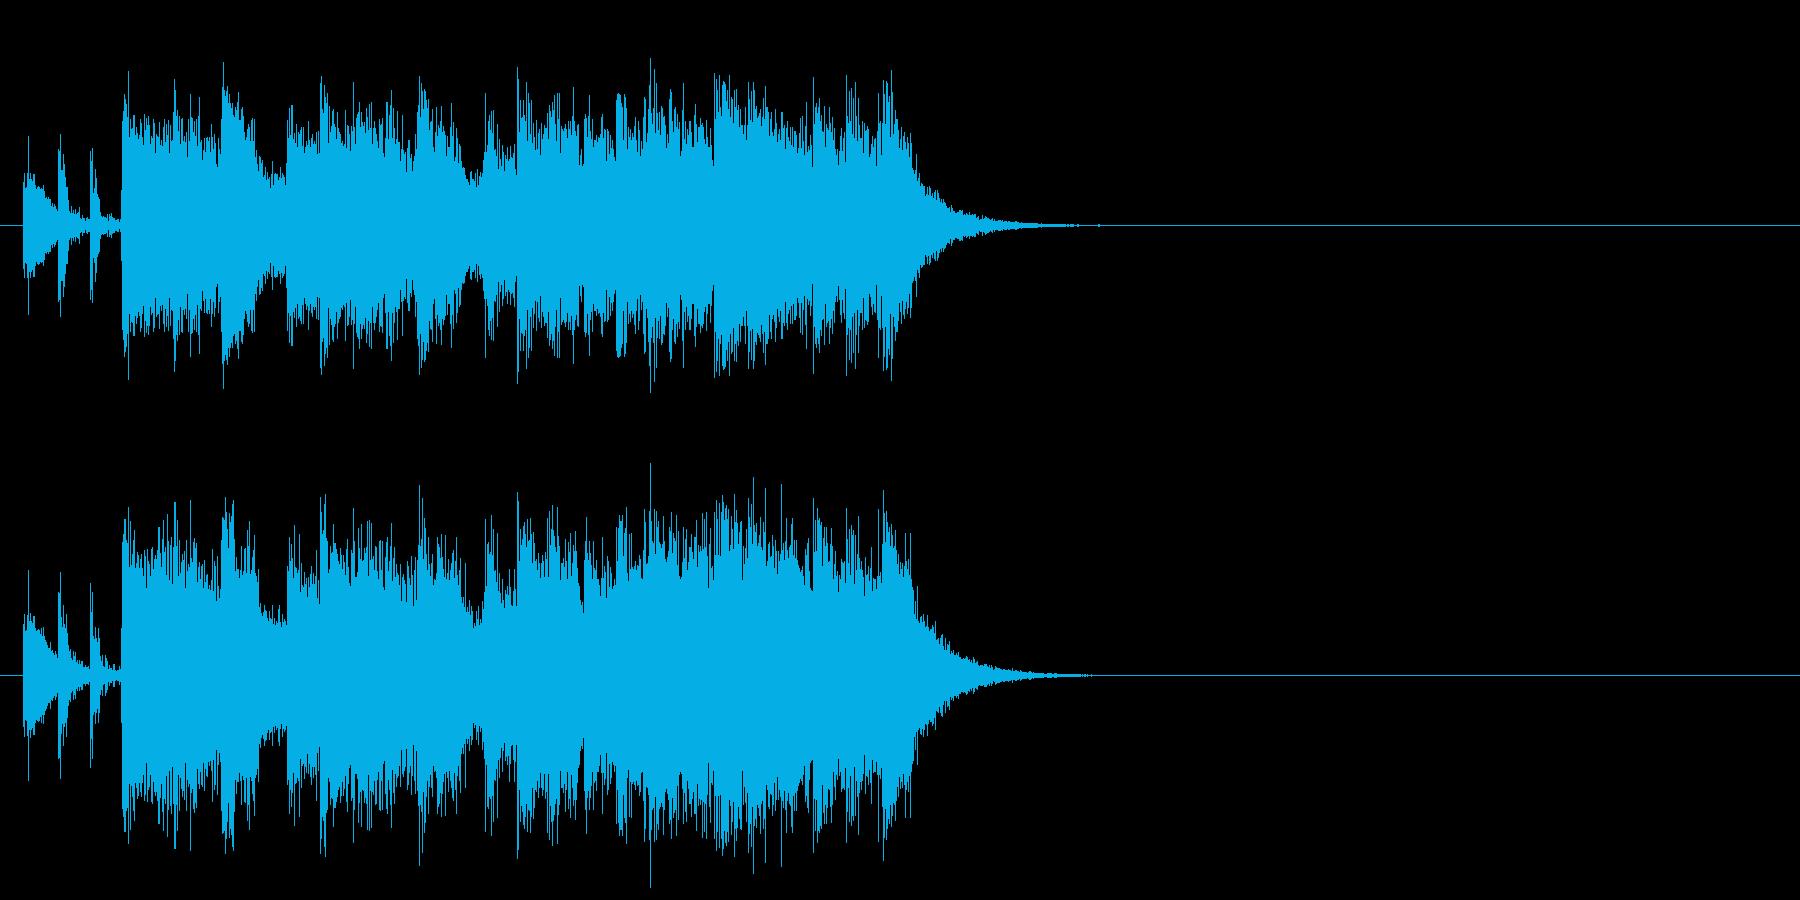 ロック/ヘヴィ・メタル系ジングルの再生済みの波形